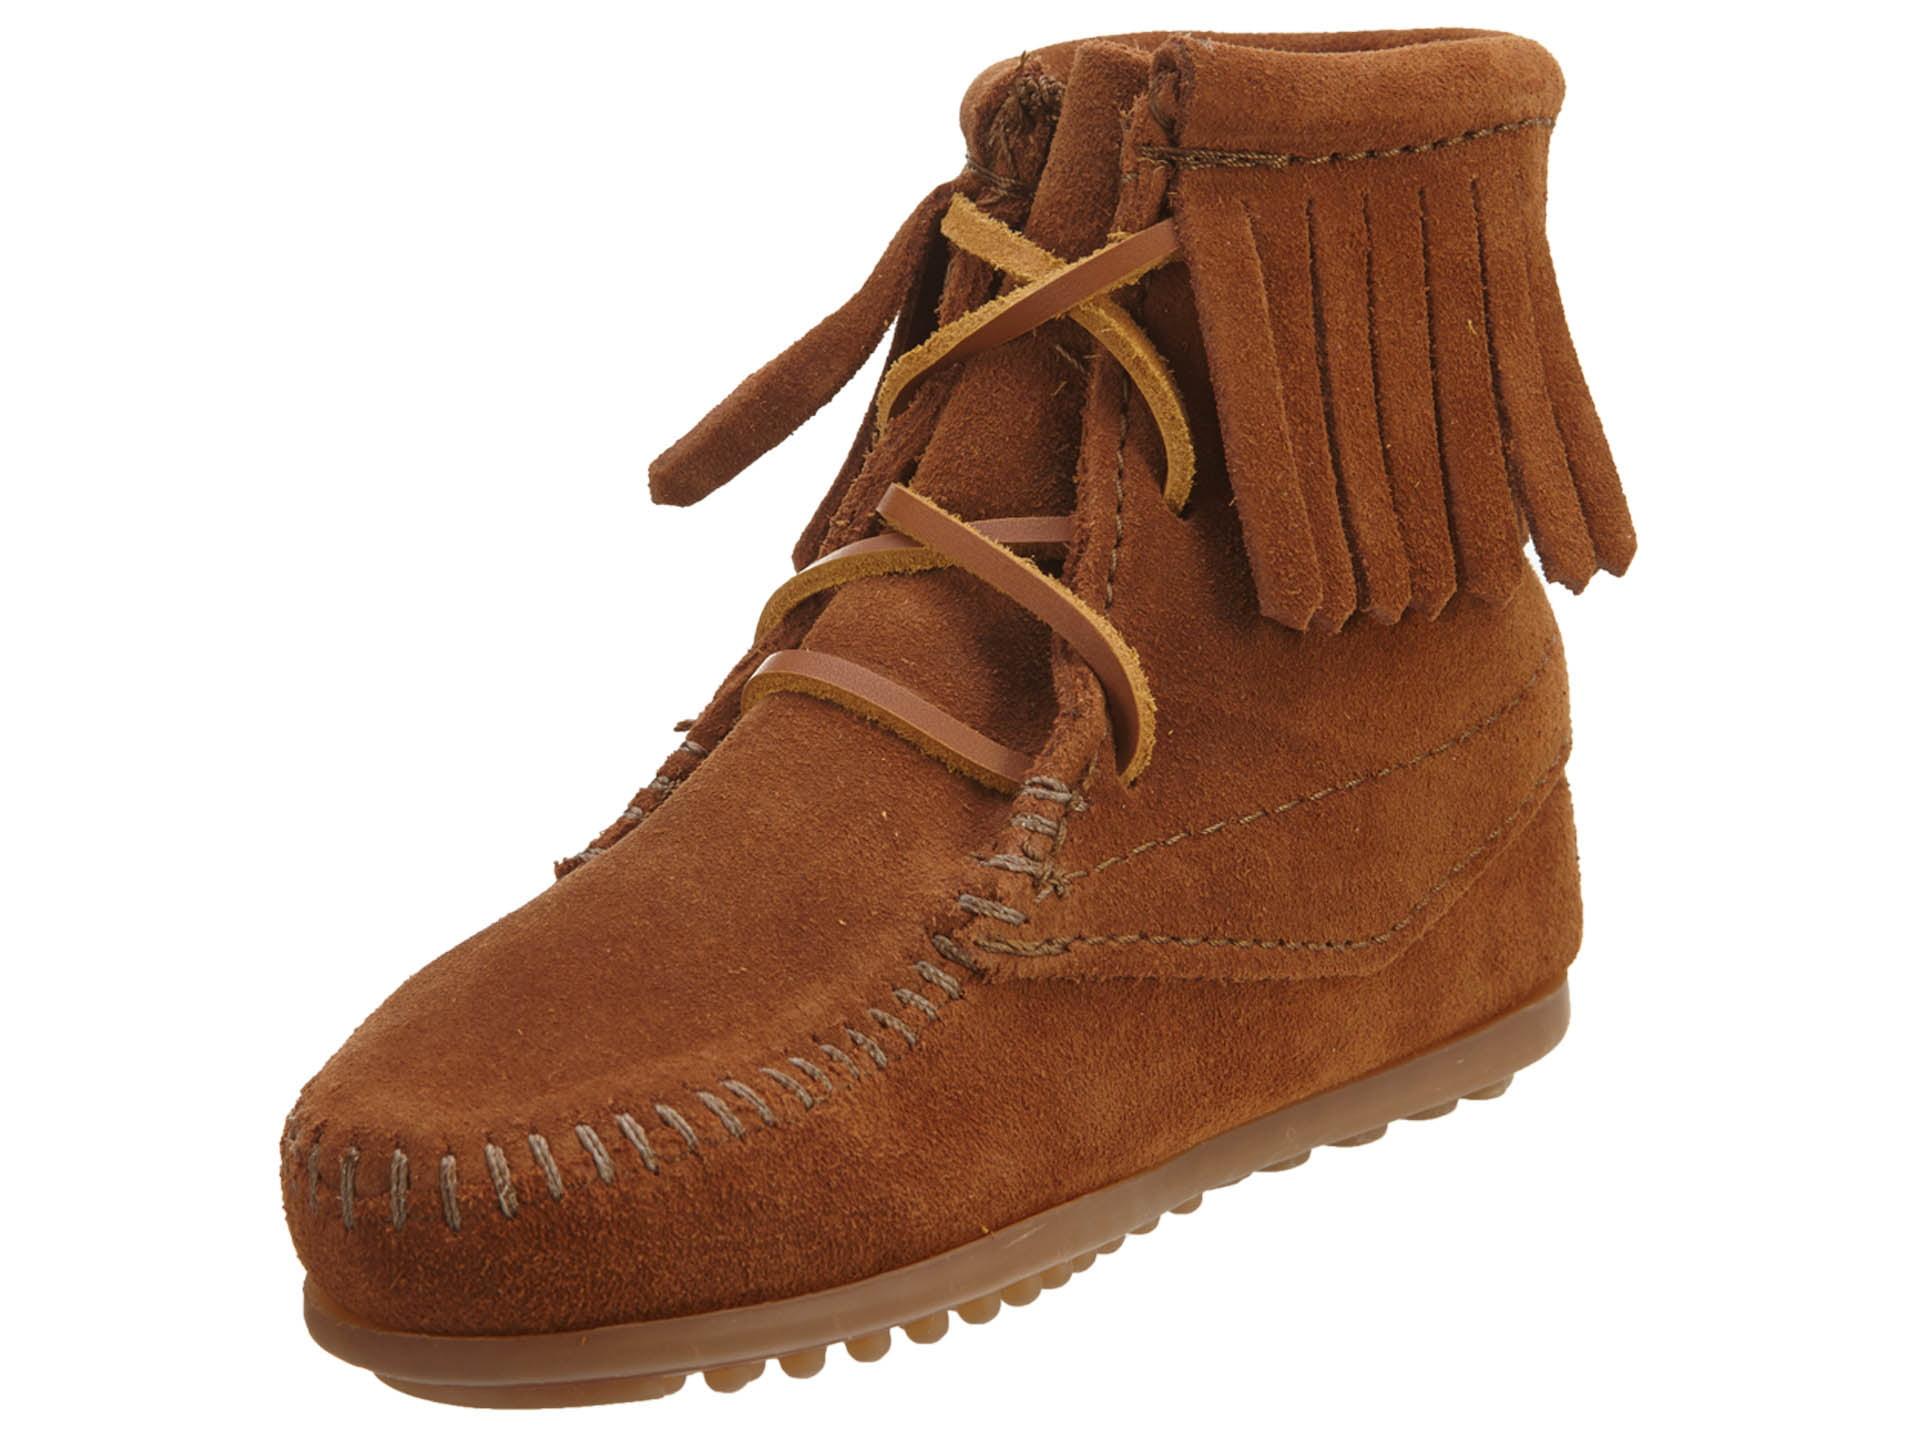 Minnetonka Tramper Boot Little Kids Style : 2422 by